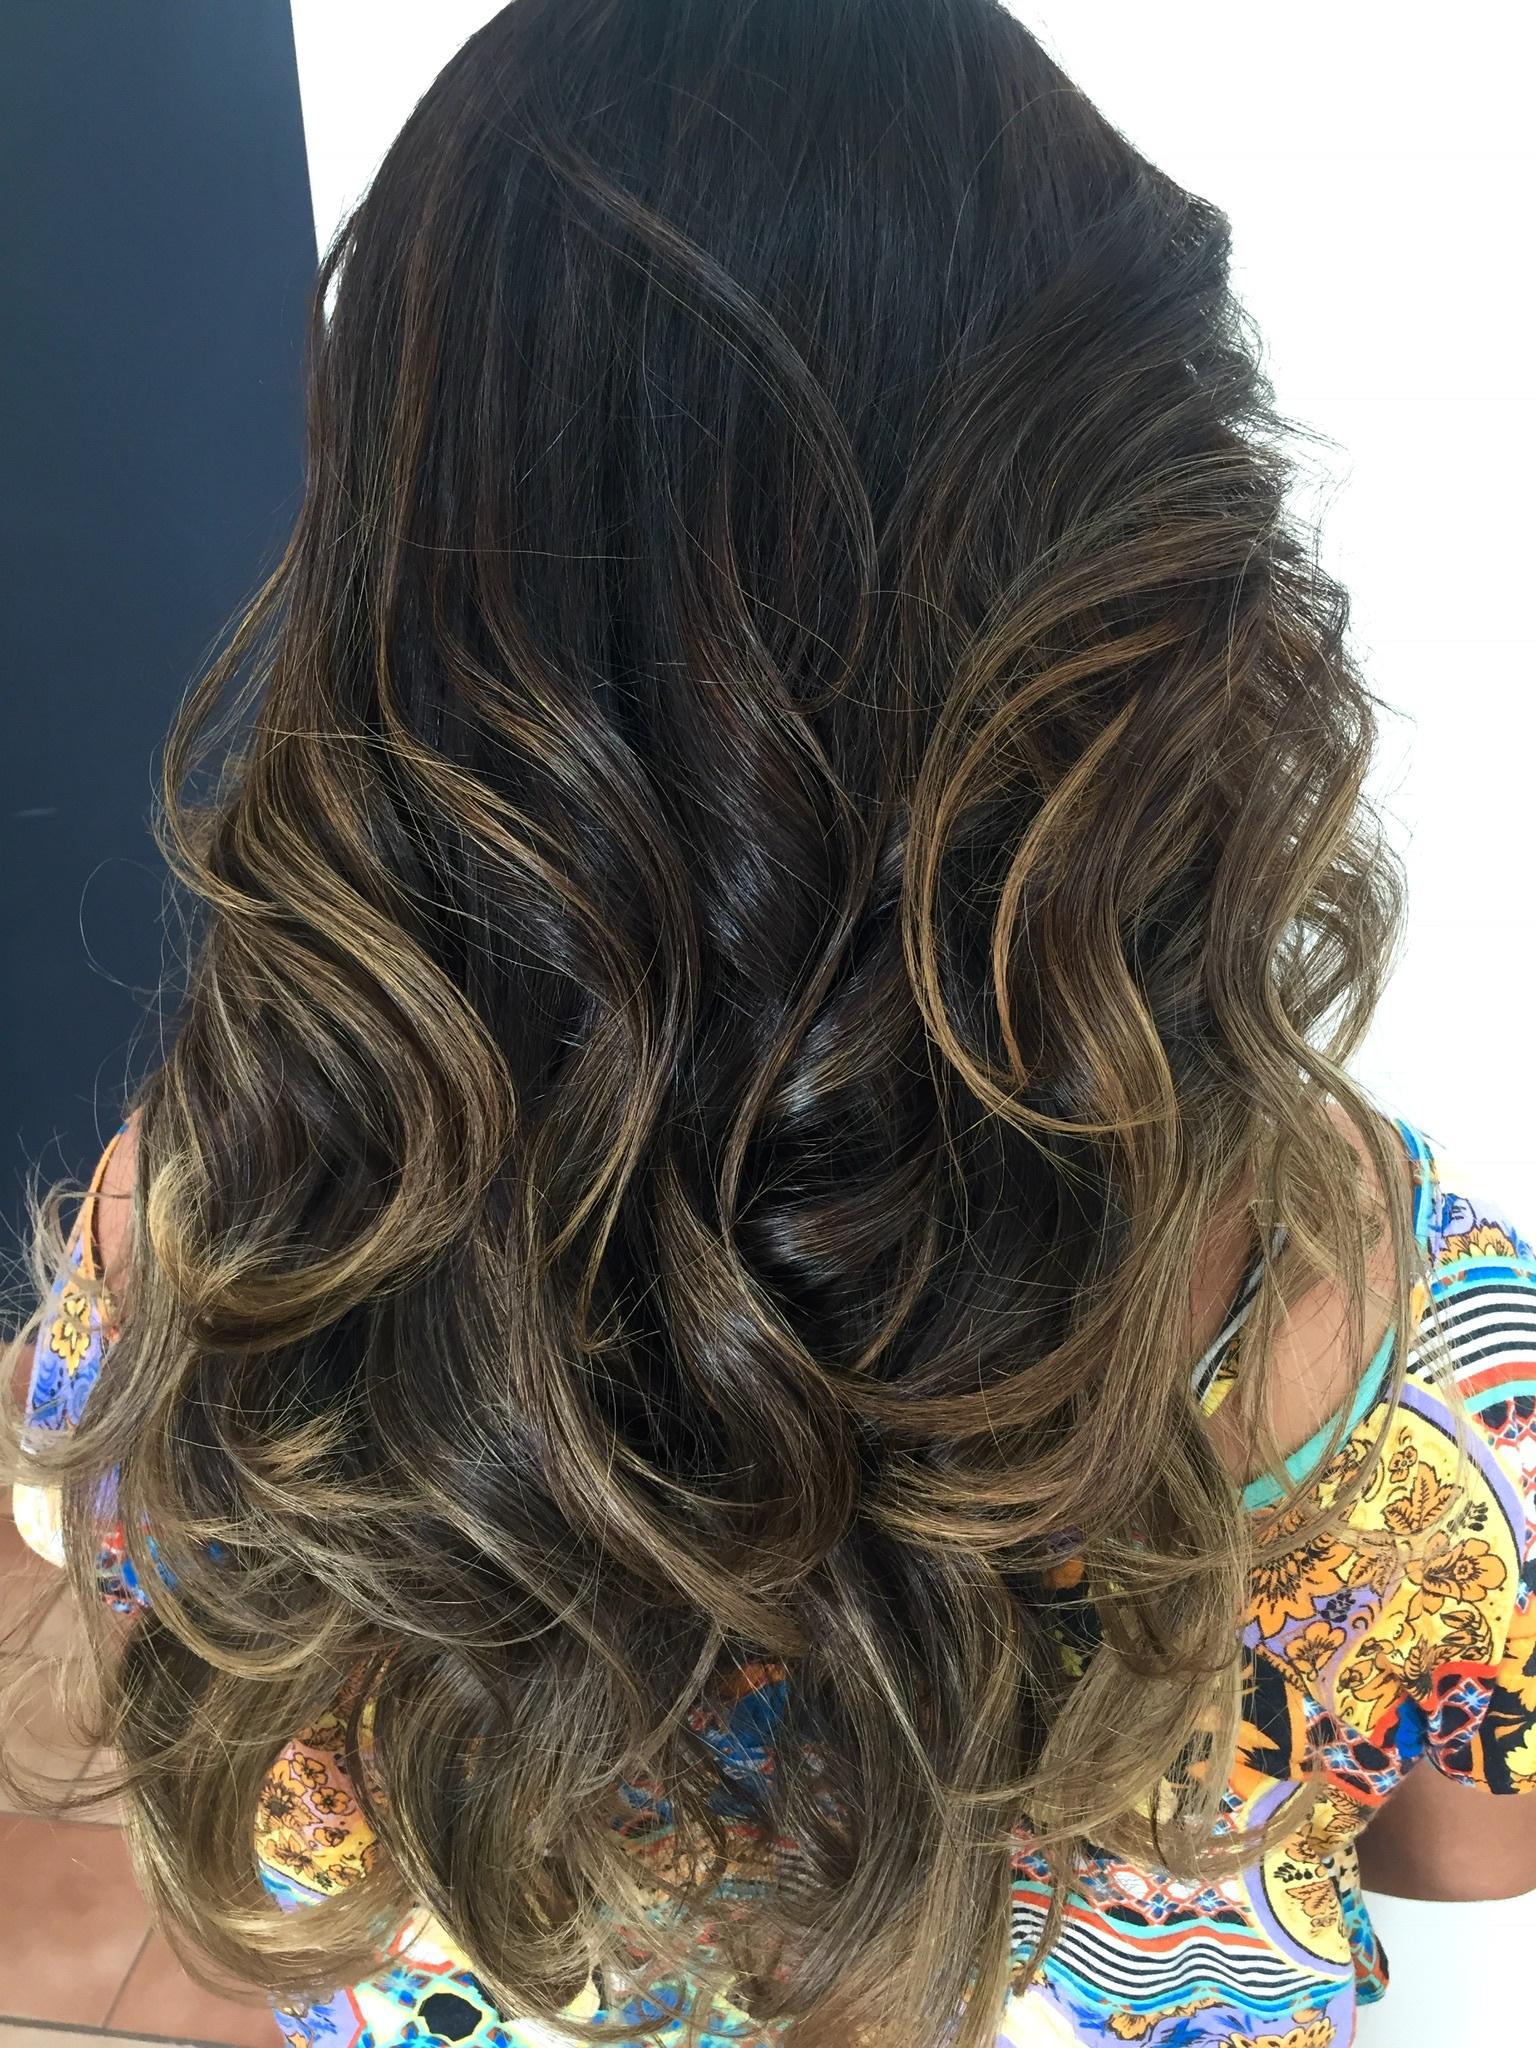 #freehand #ombrehair #waves  cabelo cabeleireiro(a)